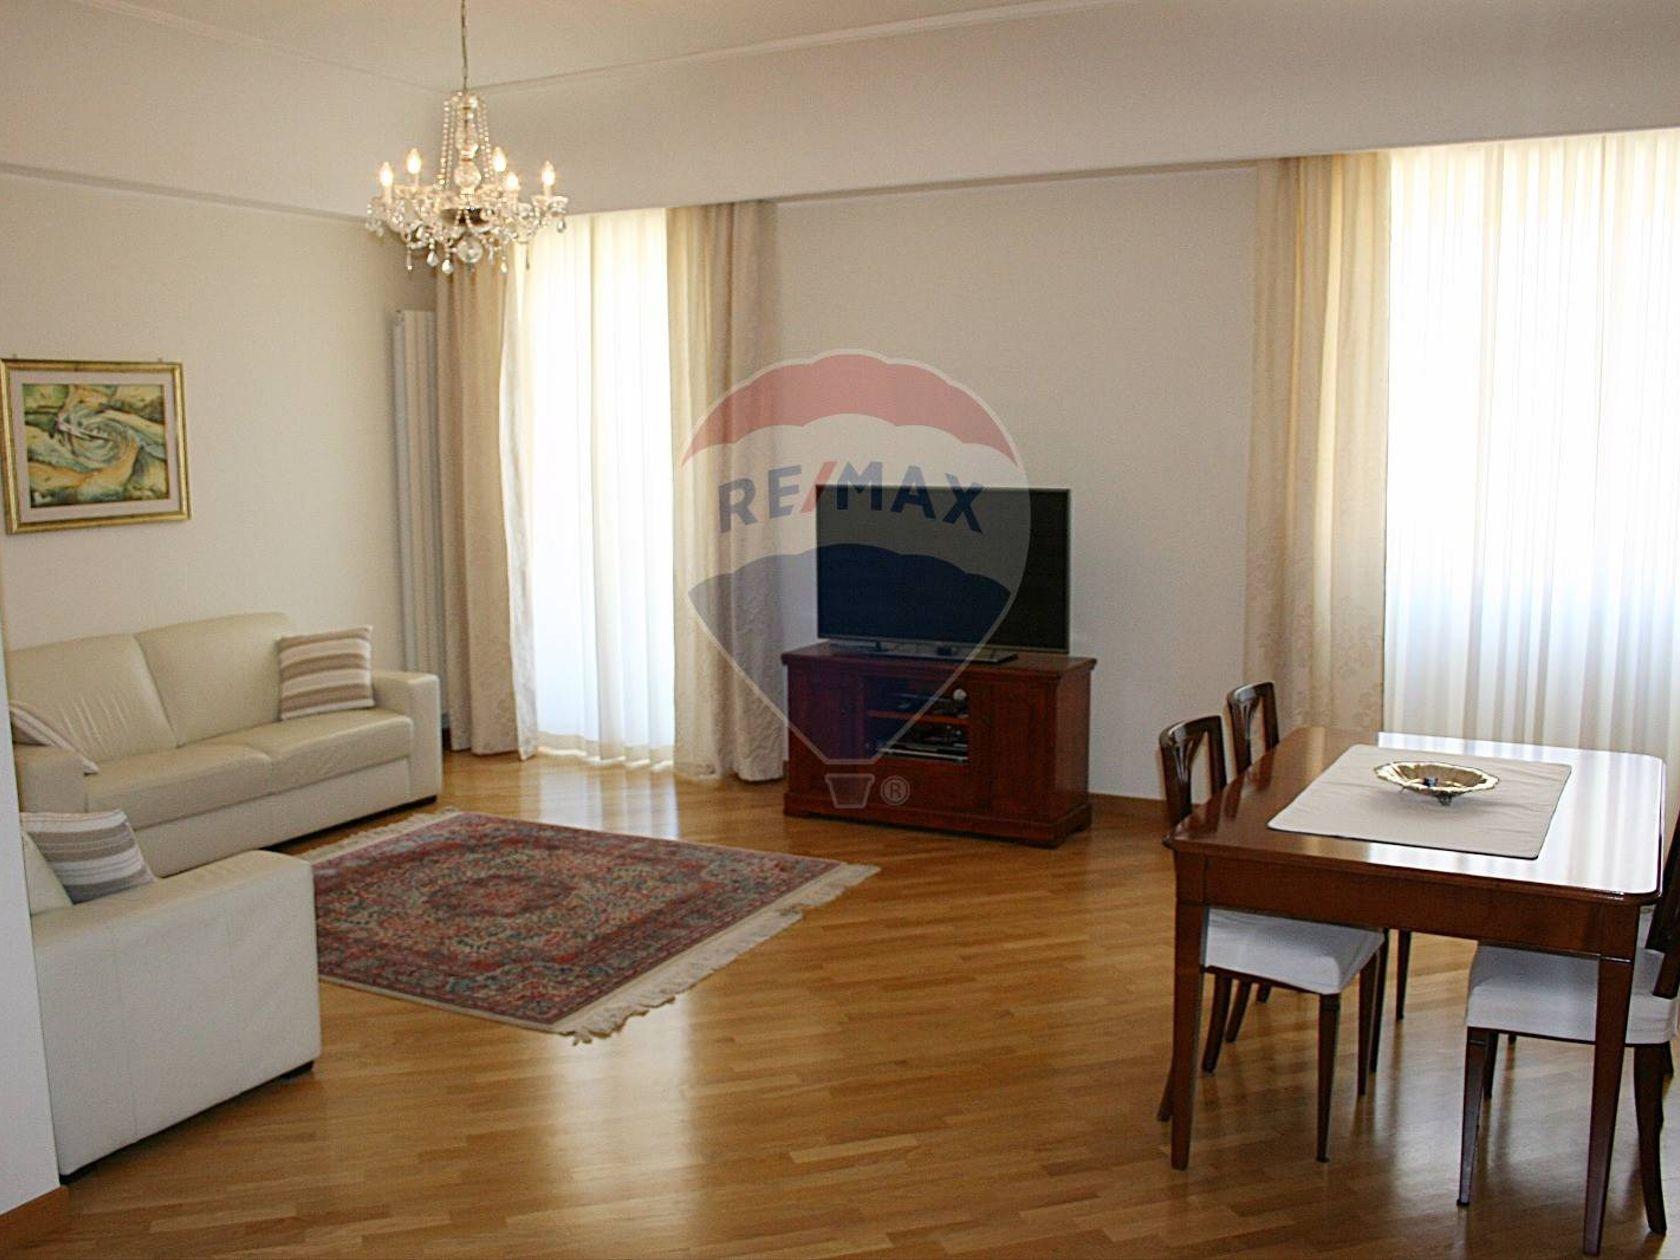 Appartamento San Benedetto, Cagliari, CA Vendita